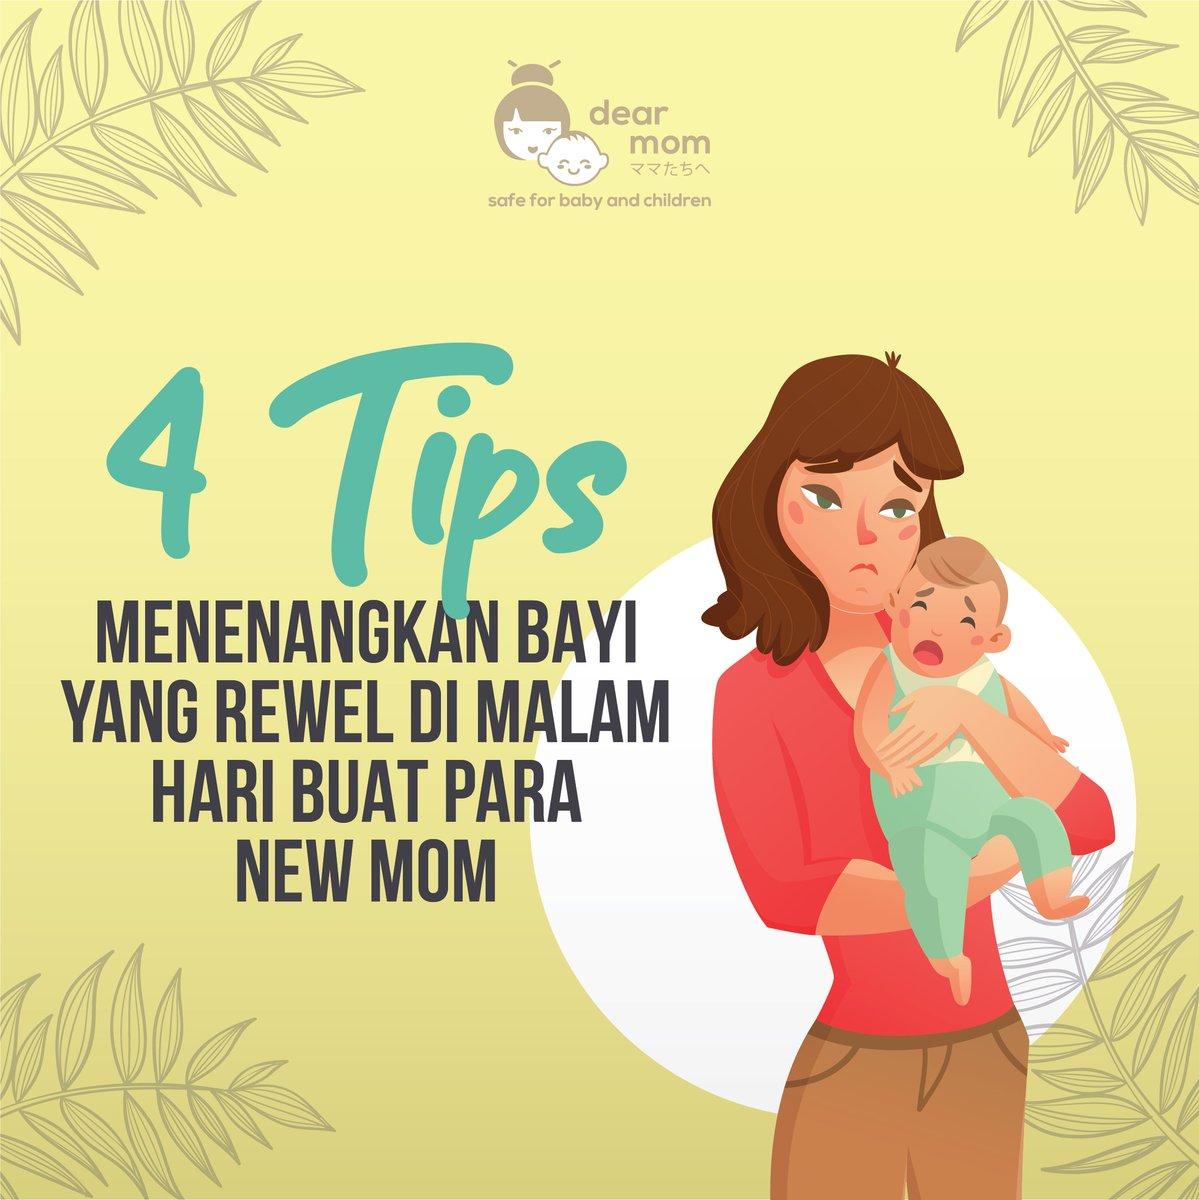 1. Ciptakan Lingkungan yang Tenang  Jika bayi terlihat senang dan aktif selama seharian ini, bisa jadi di malam hari justru akan menangis. Kemungkinan bayi belum mengenal antara siang dan malam sehingga tidak tahu kapan waktunya tidur dan beristirahat.